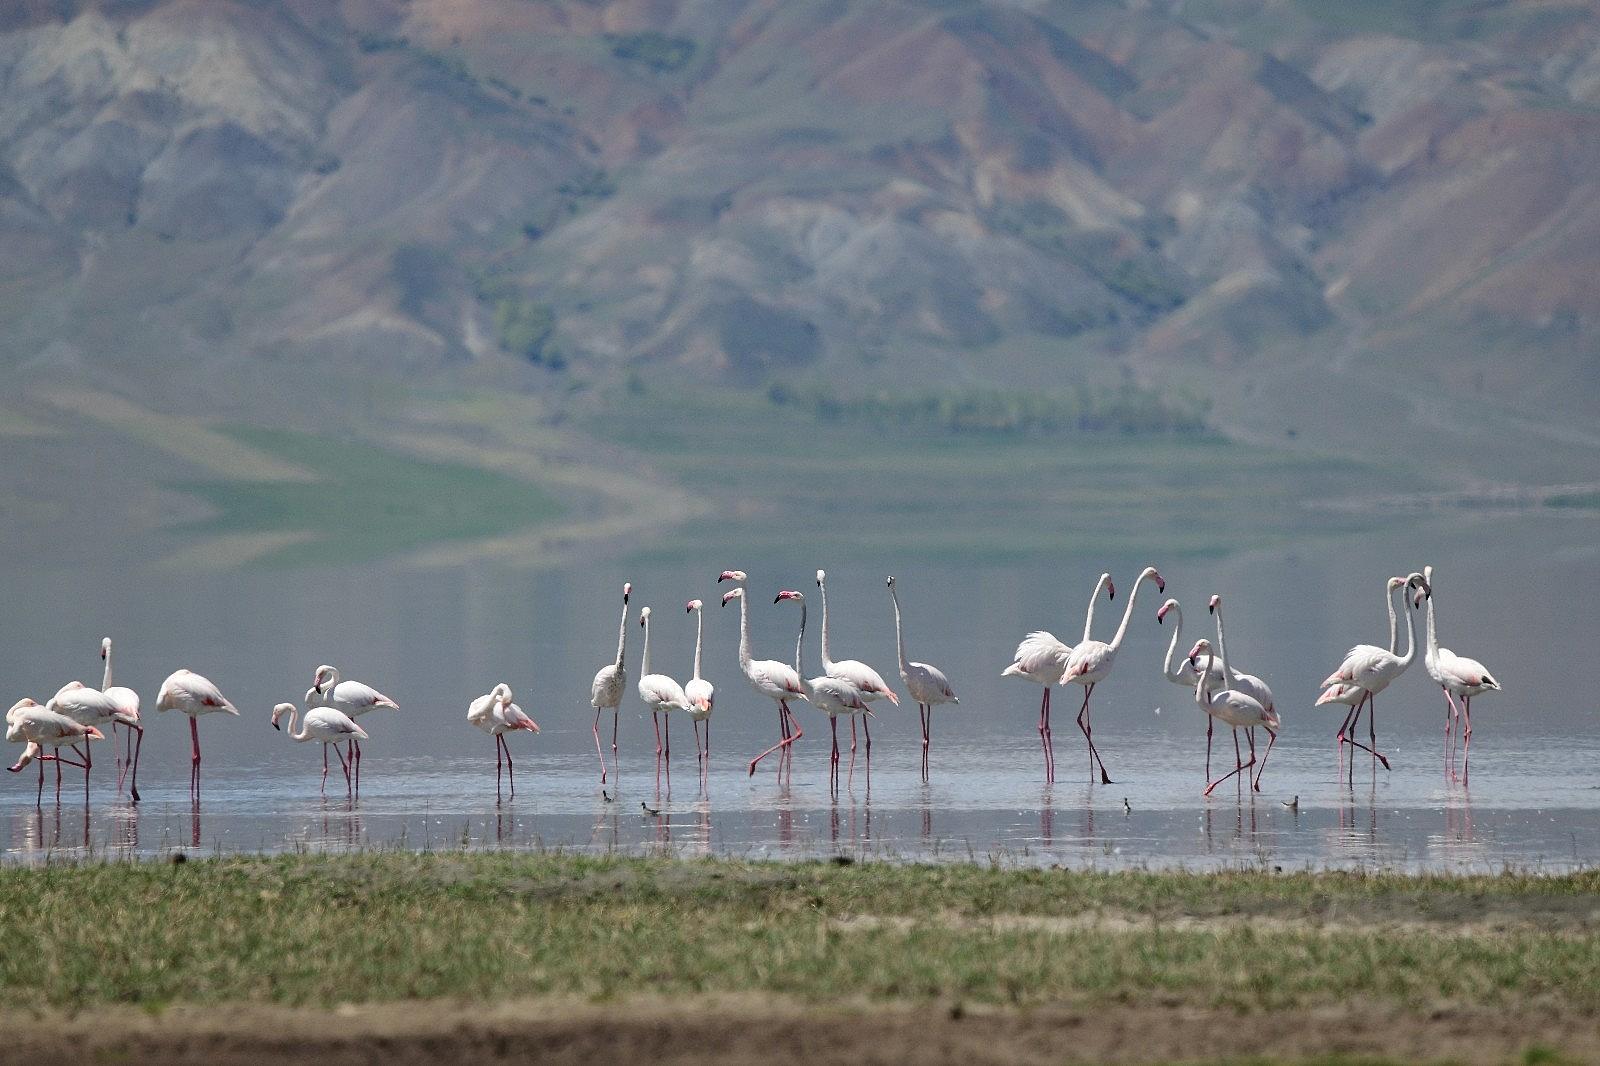 2021/05/van-golu-havzasinin-narin-kuslari-flamingolar-20210510AW31-2.jpg